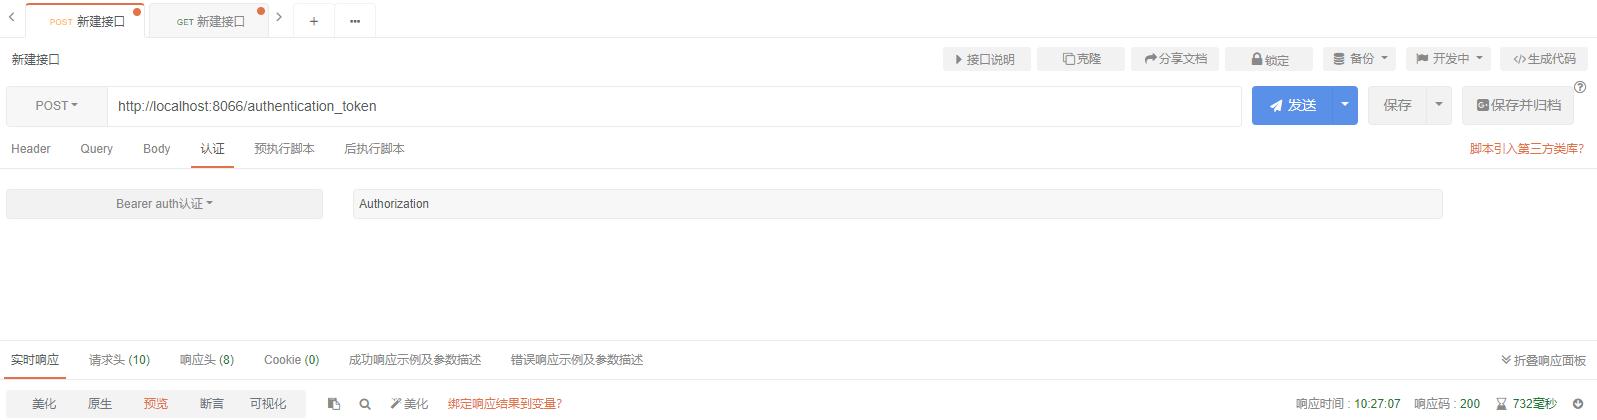 更新现在的最新版本后,全局header无法发送